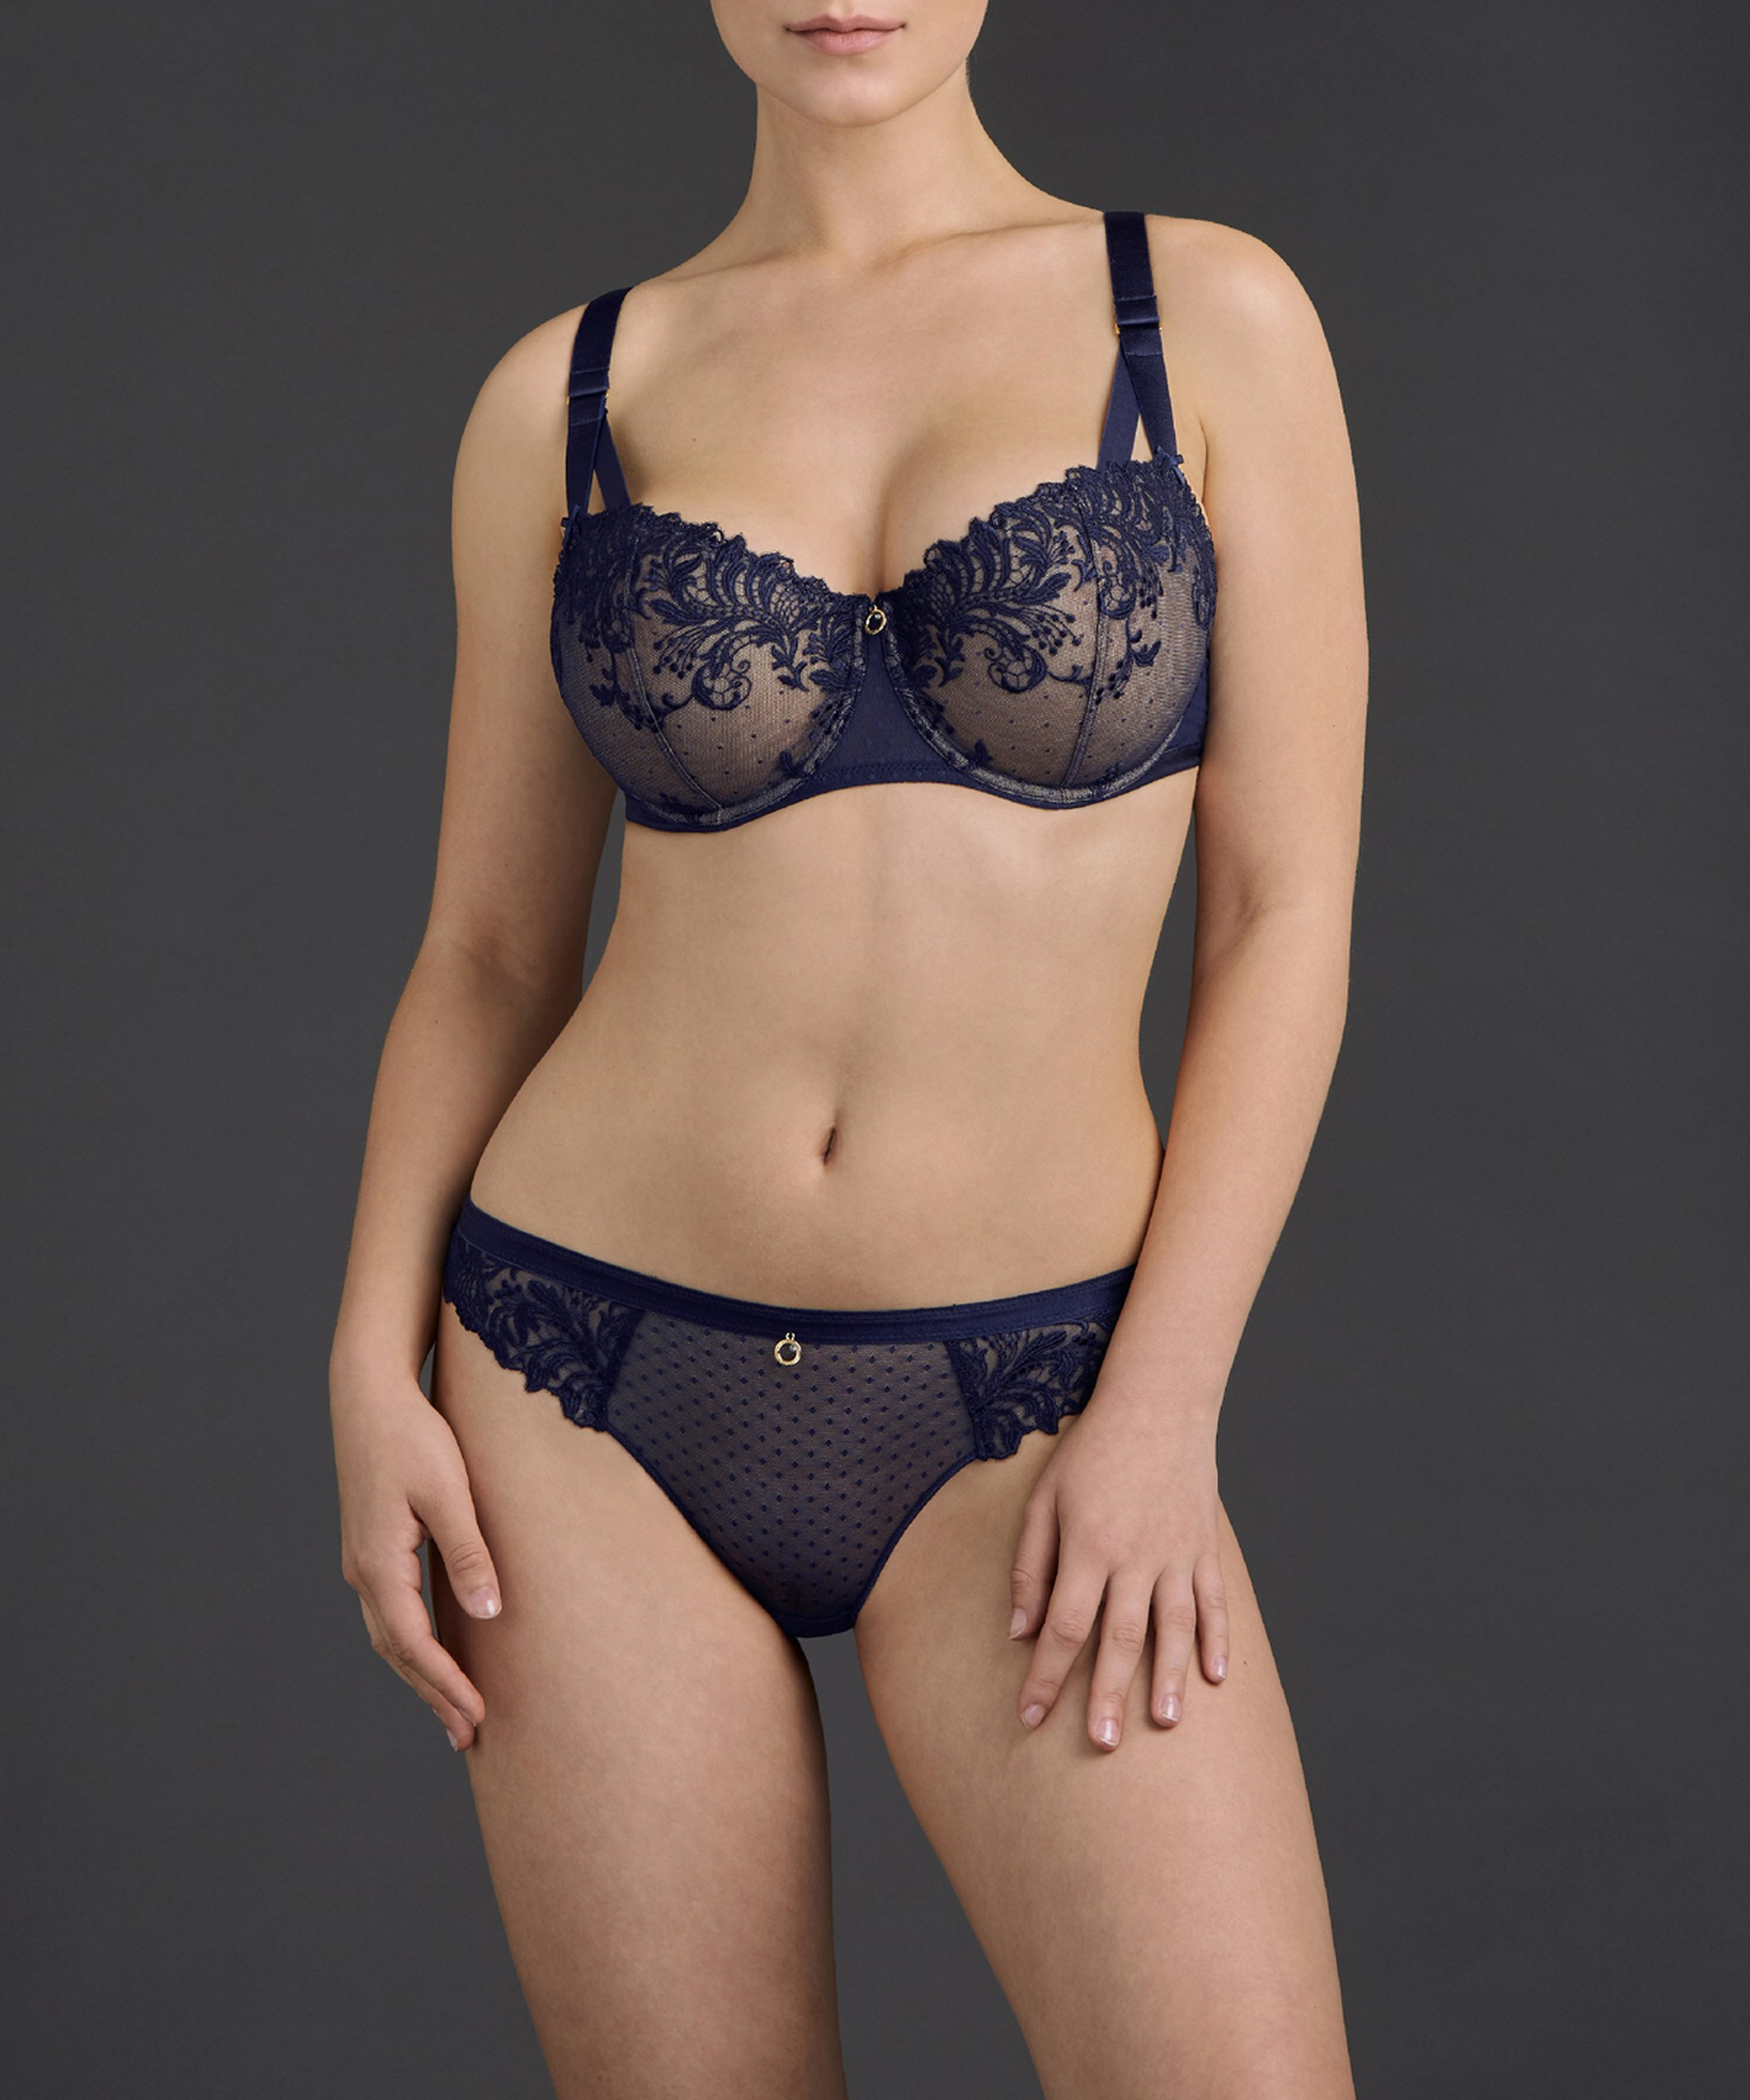 FEMME PASSION Soutien-gorge corbeille confort Bleu Crépuscule | Aubade